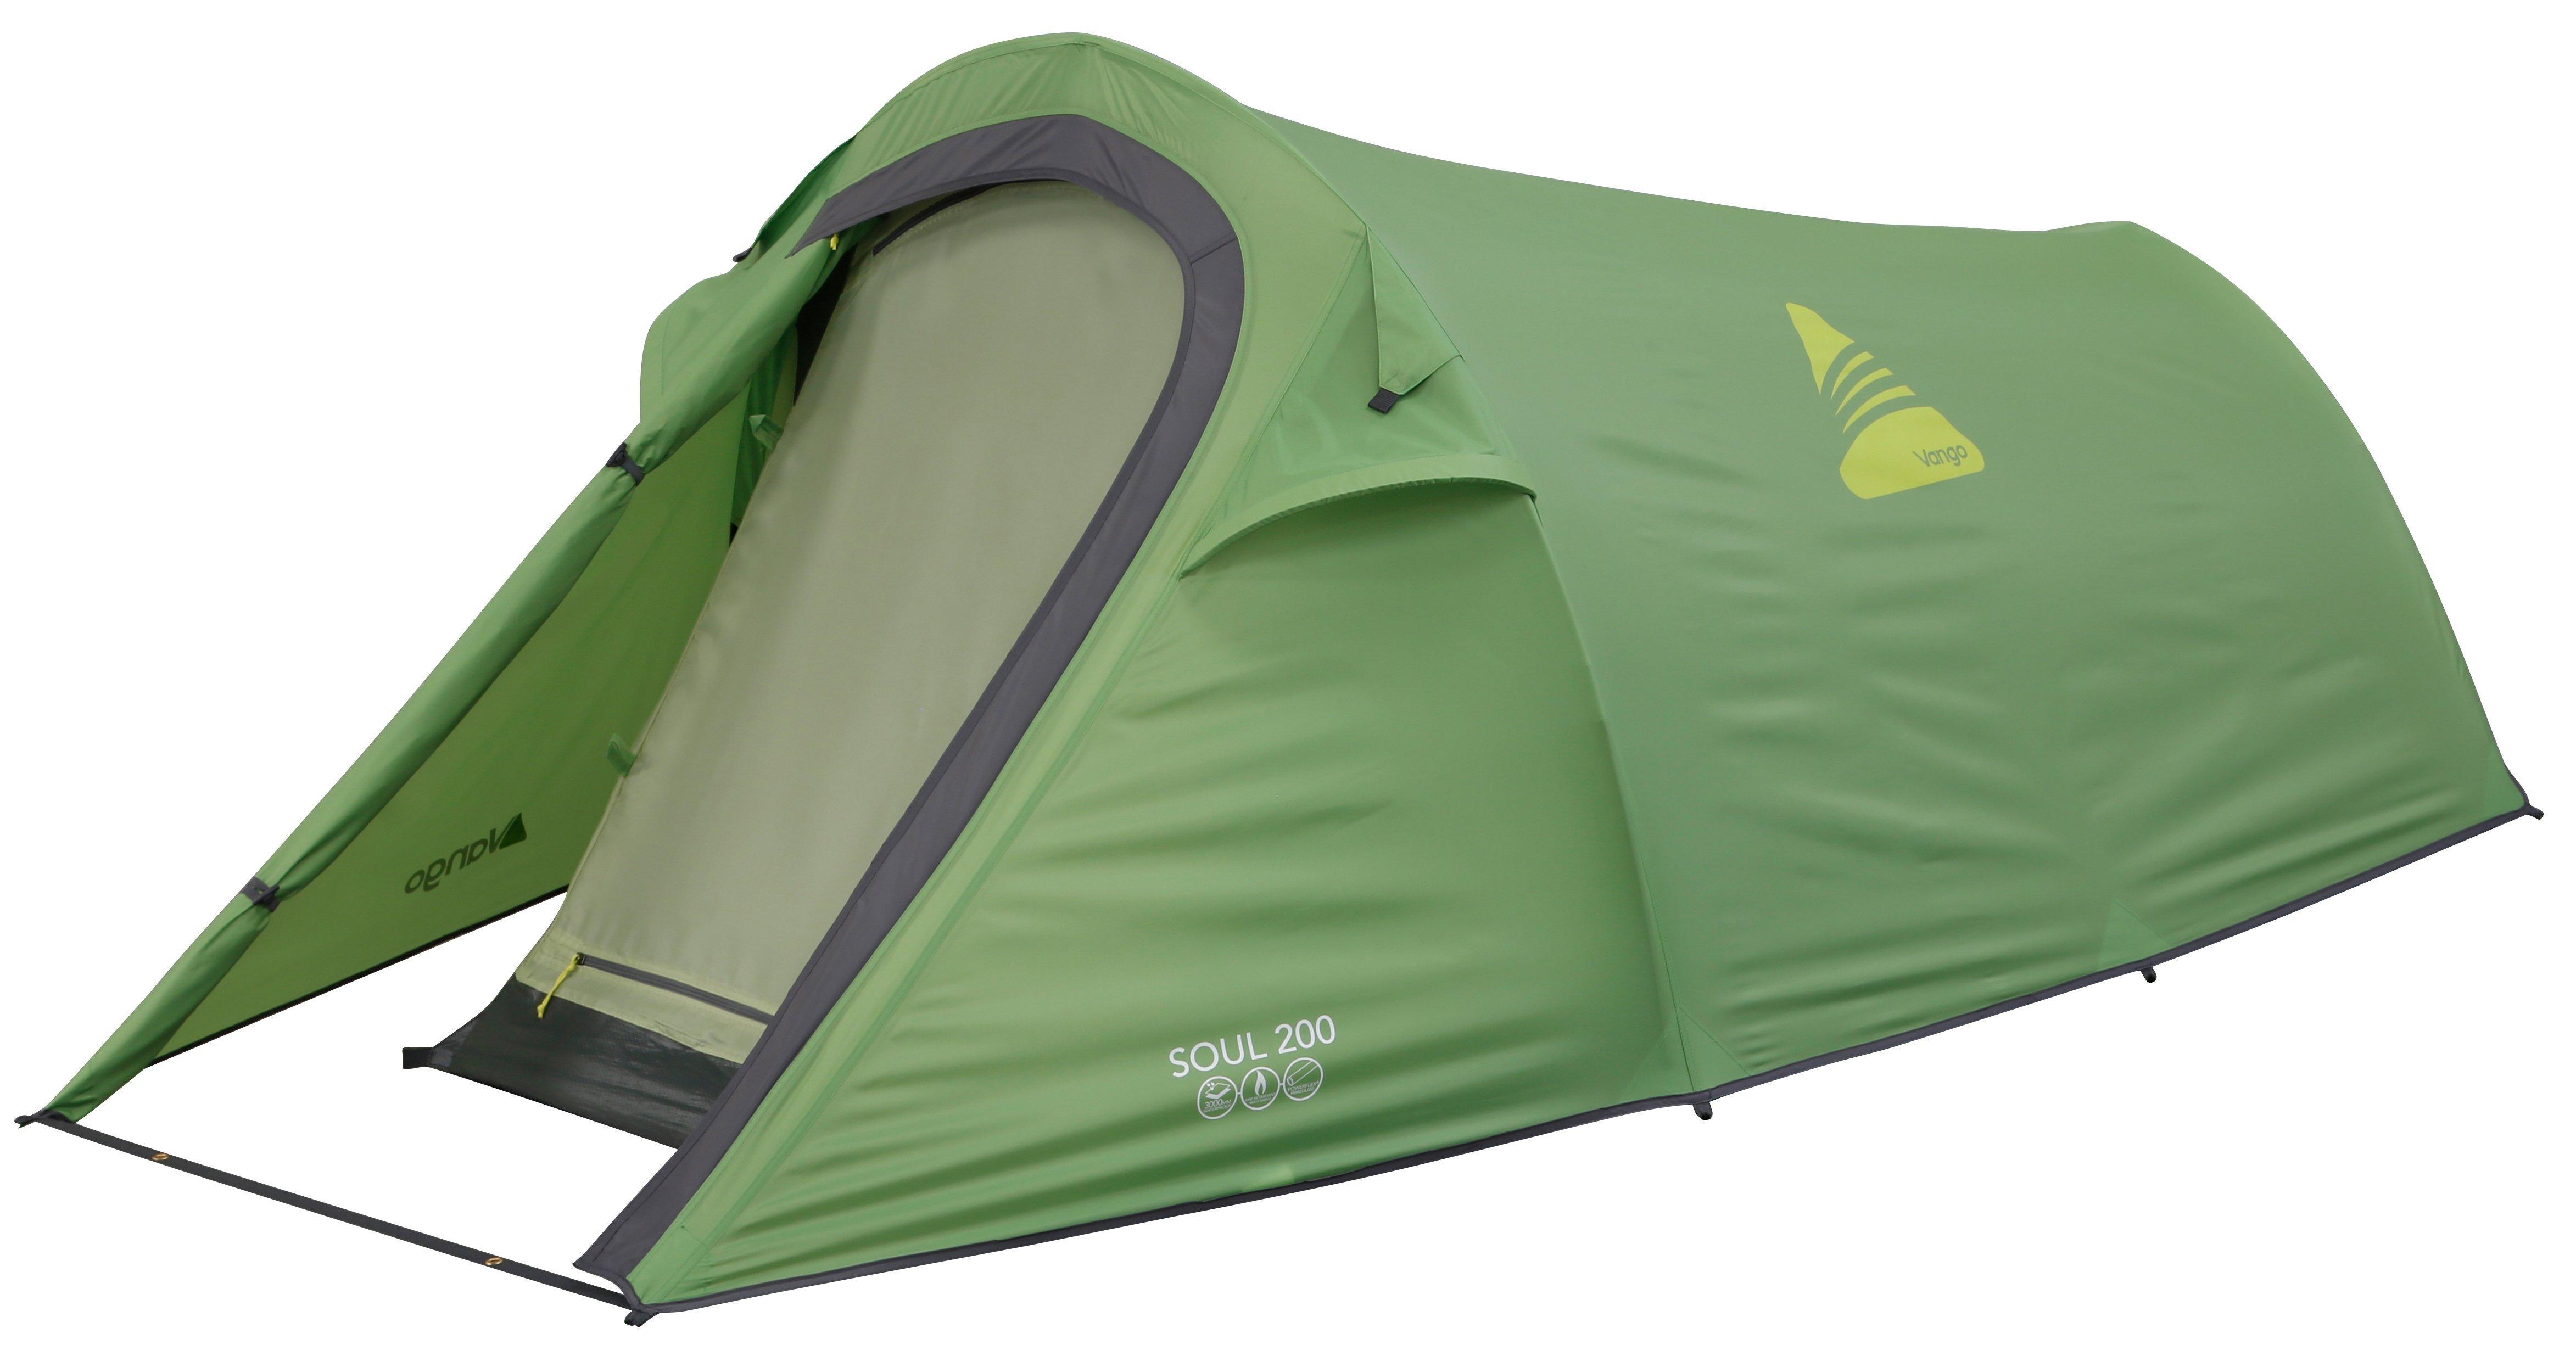 Vango Soul 200 2 Person Tent  Green Green